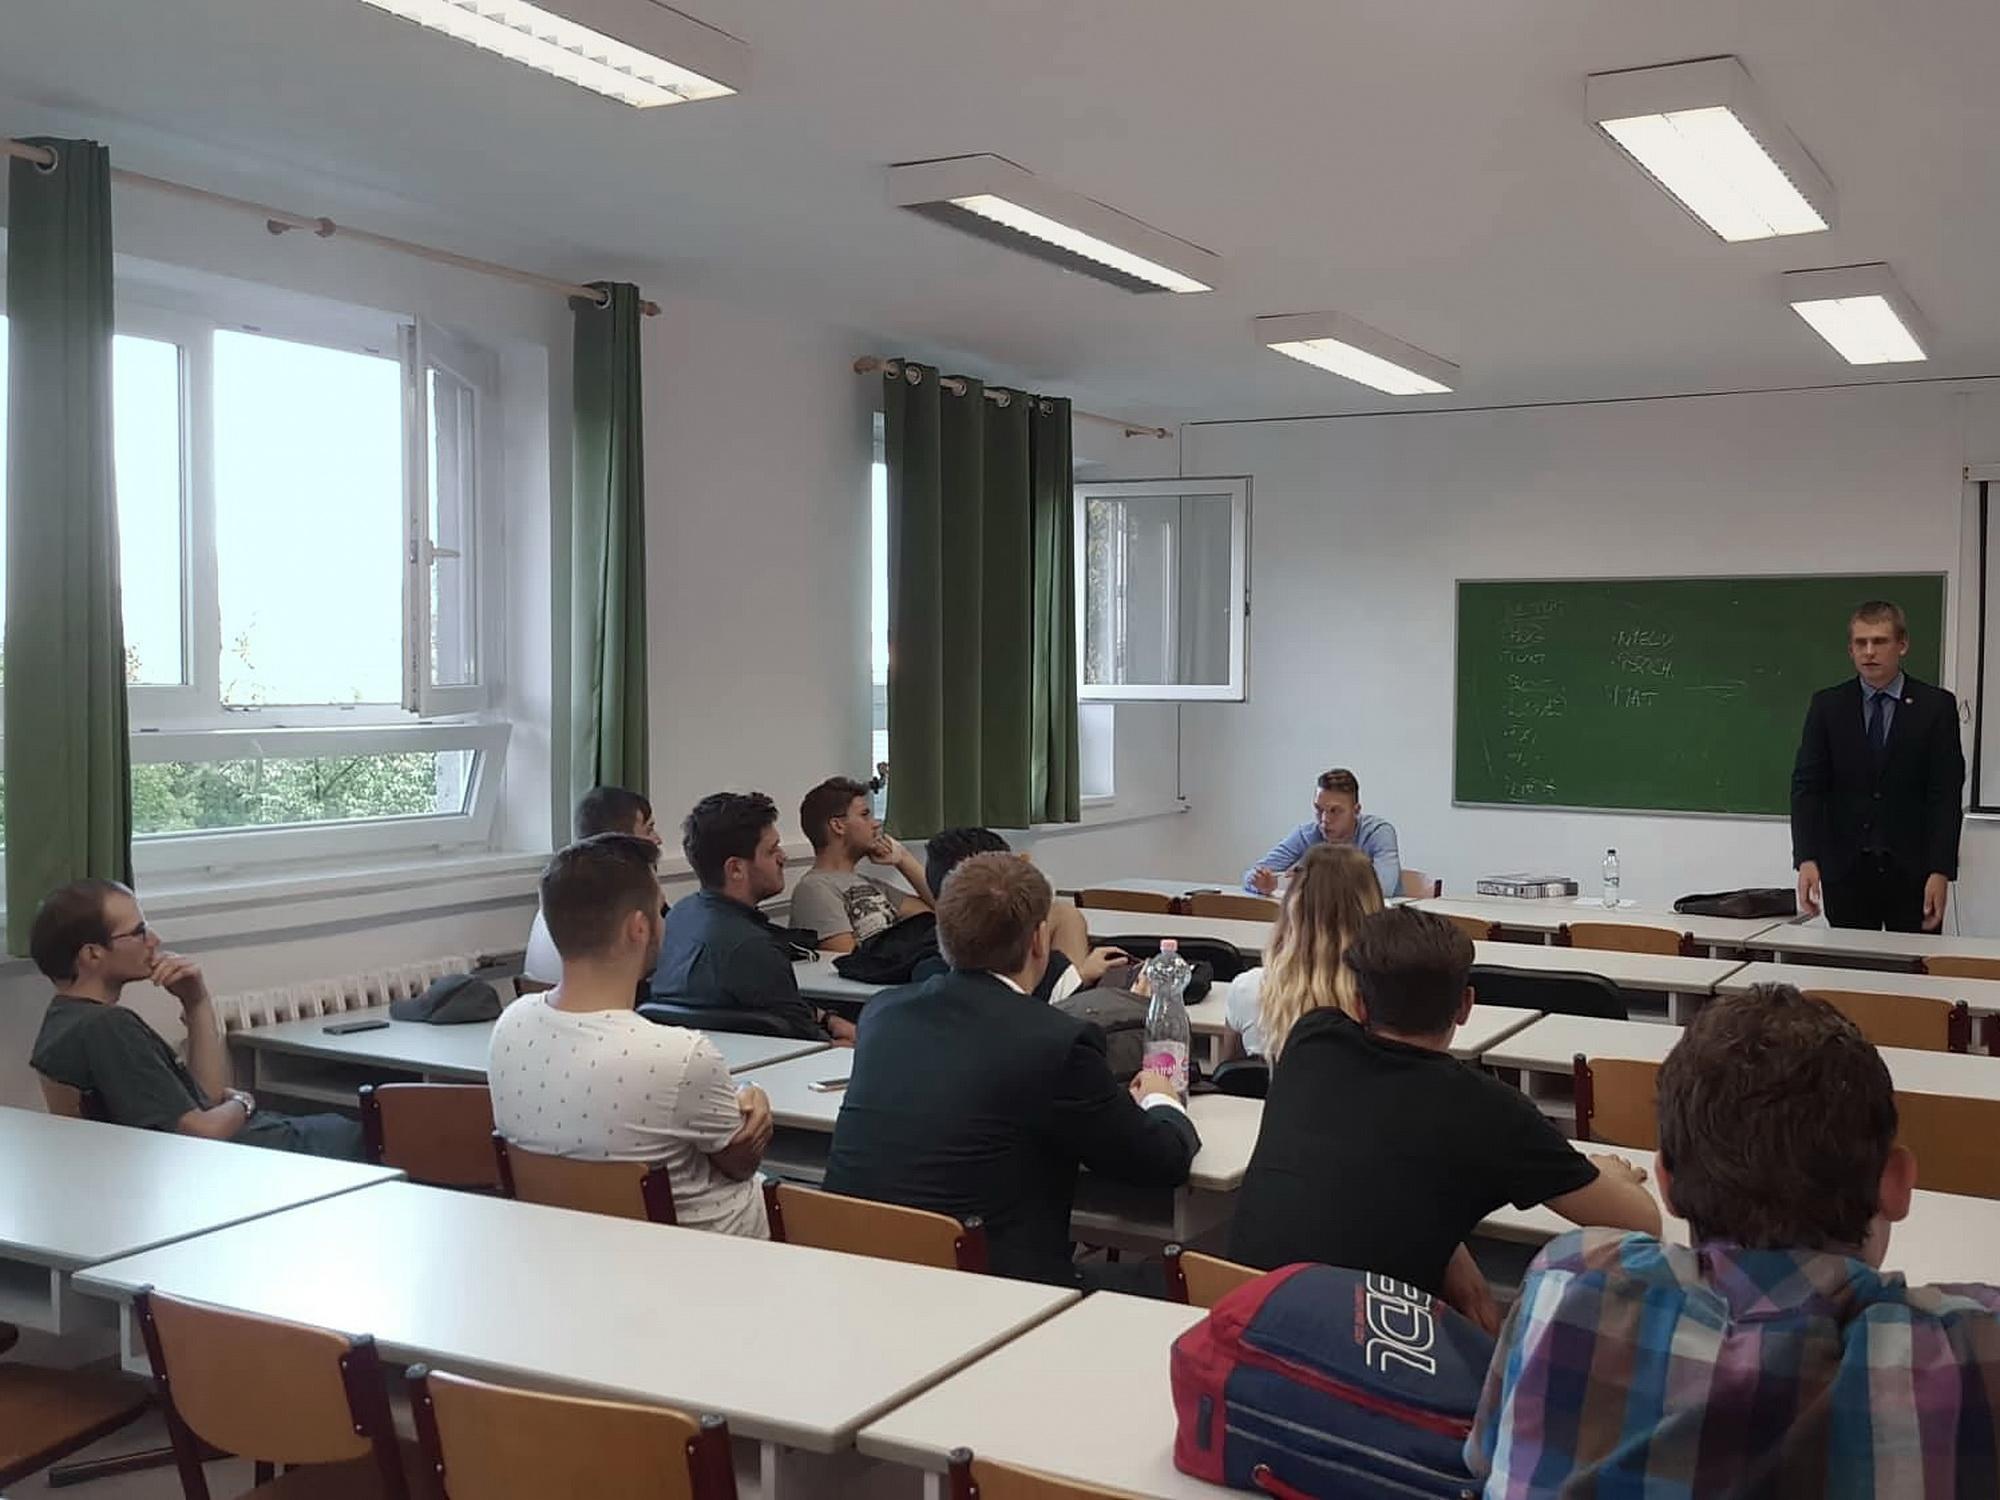 A Kosztolányi Dezső Nemzetstratégiai Szakkollégium félévnyitó közgyűlése